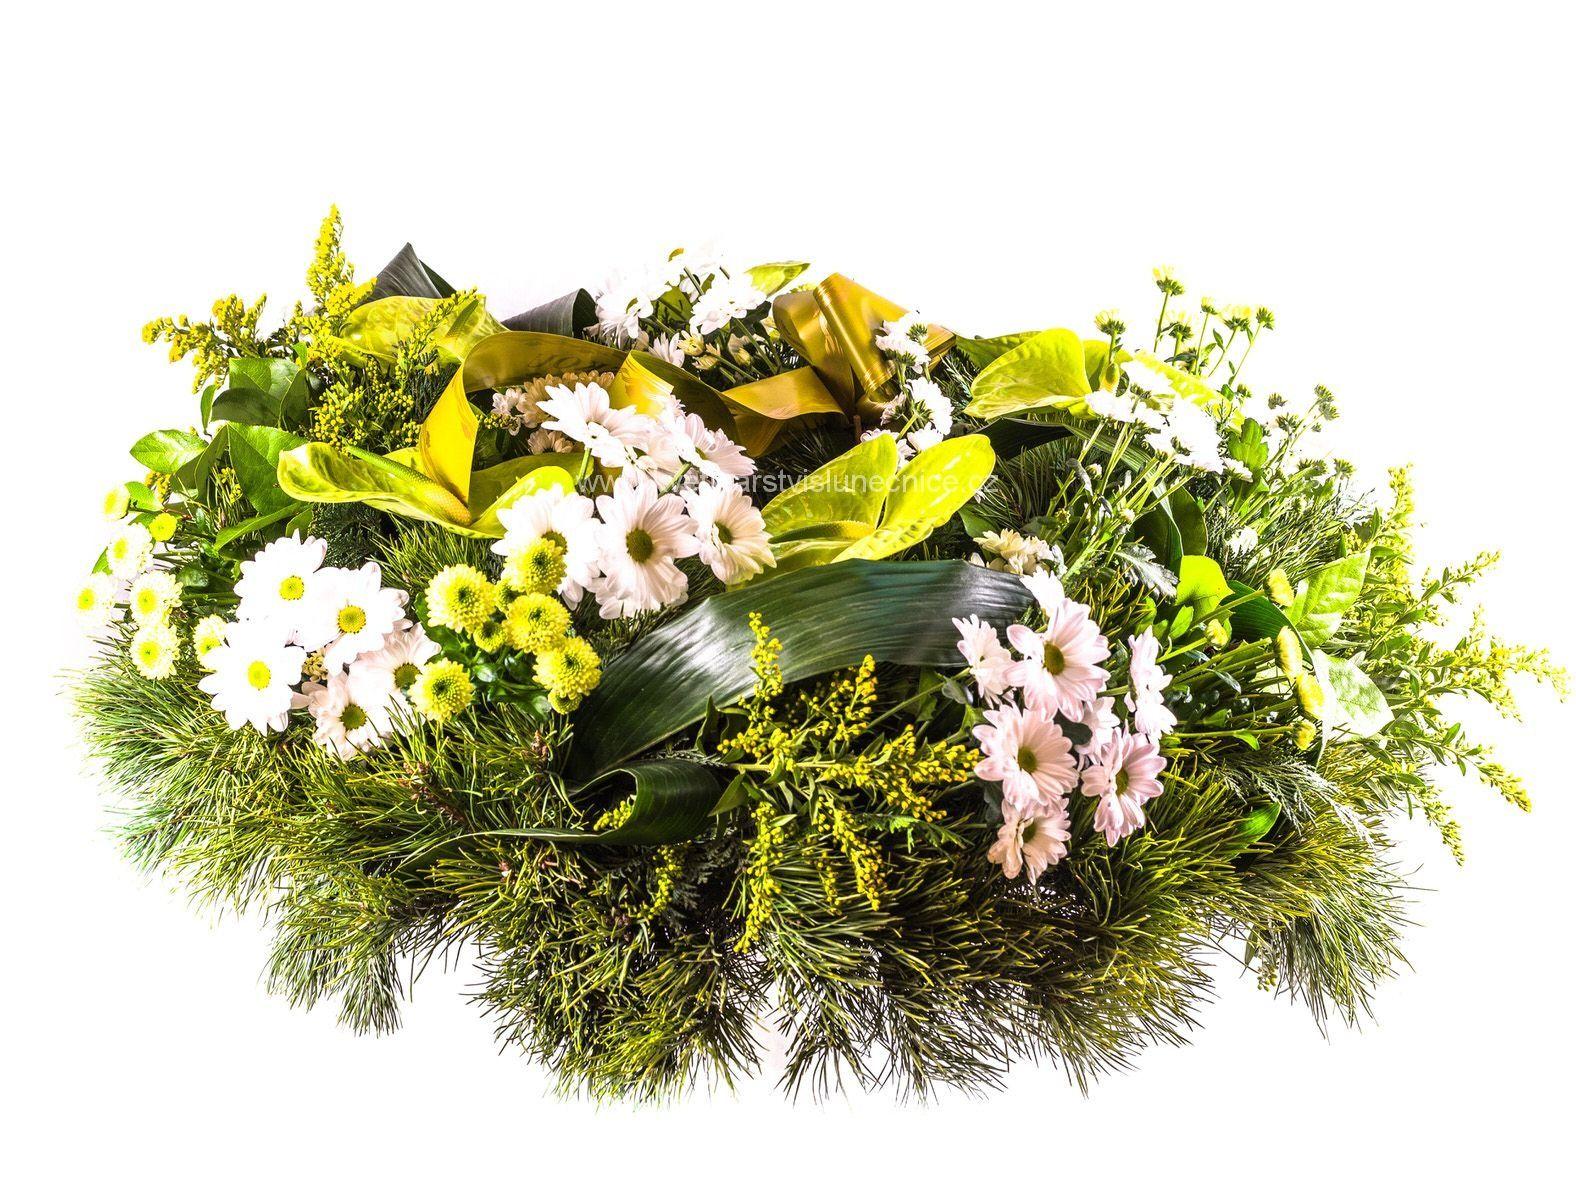 Smuteční věnec z chrysanthém a anthurií